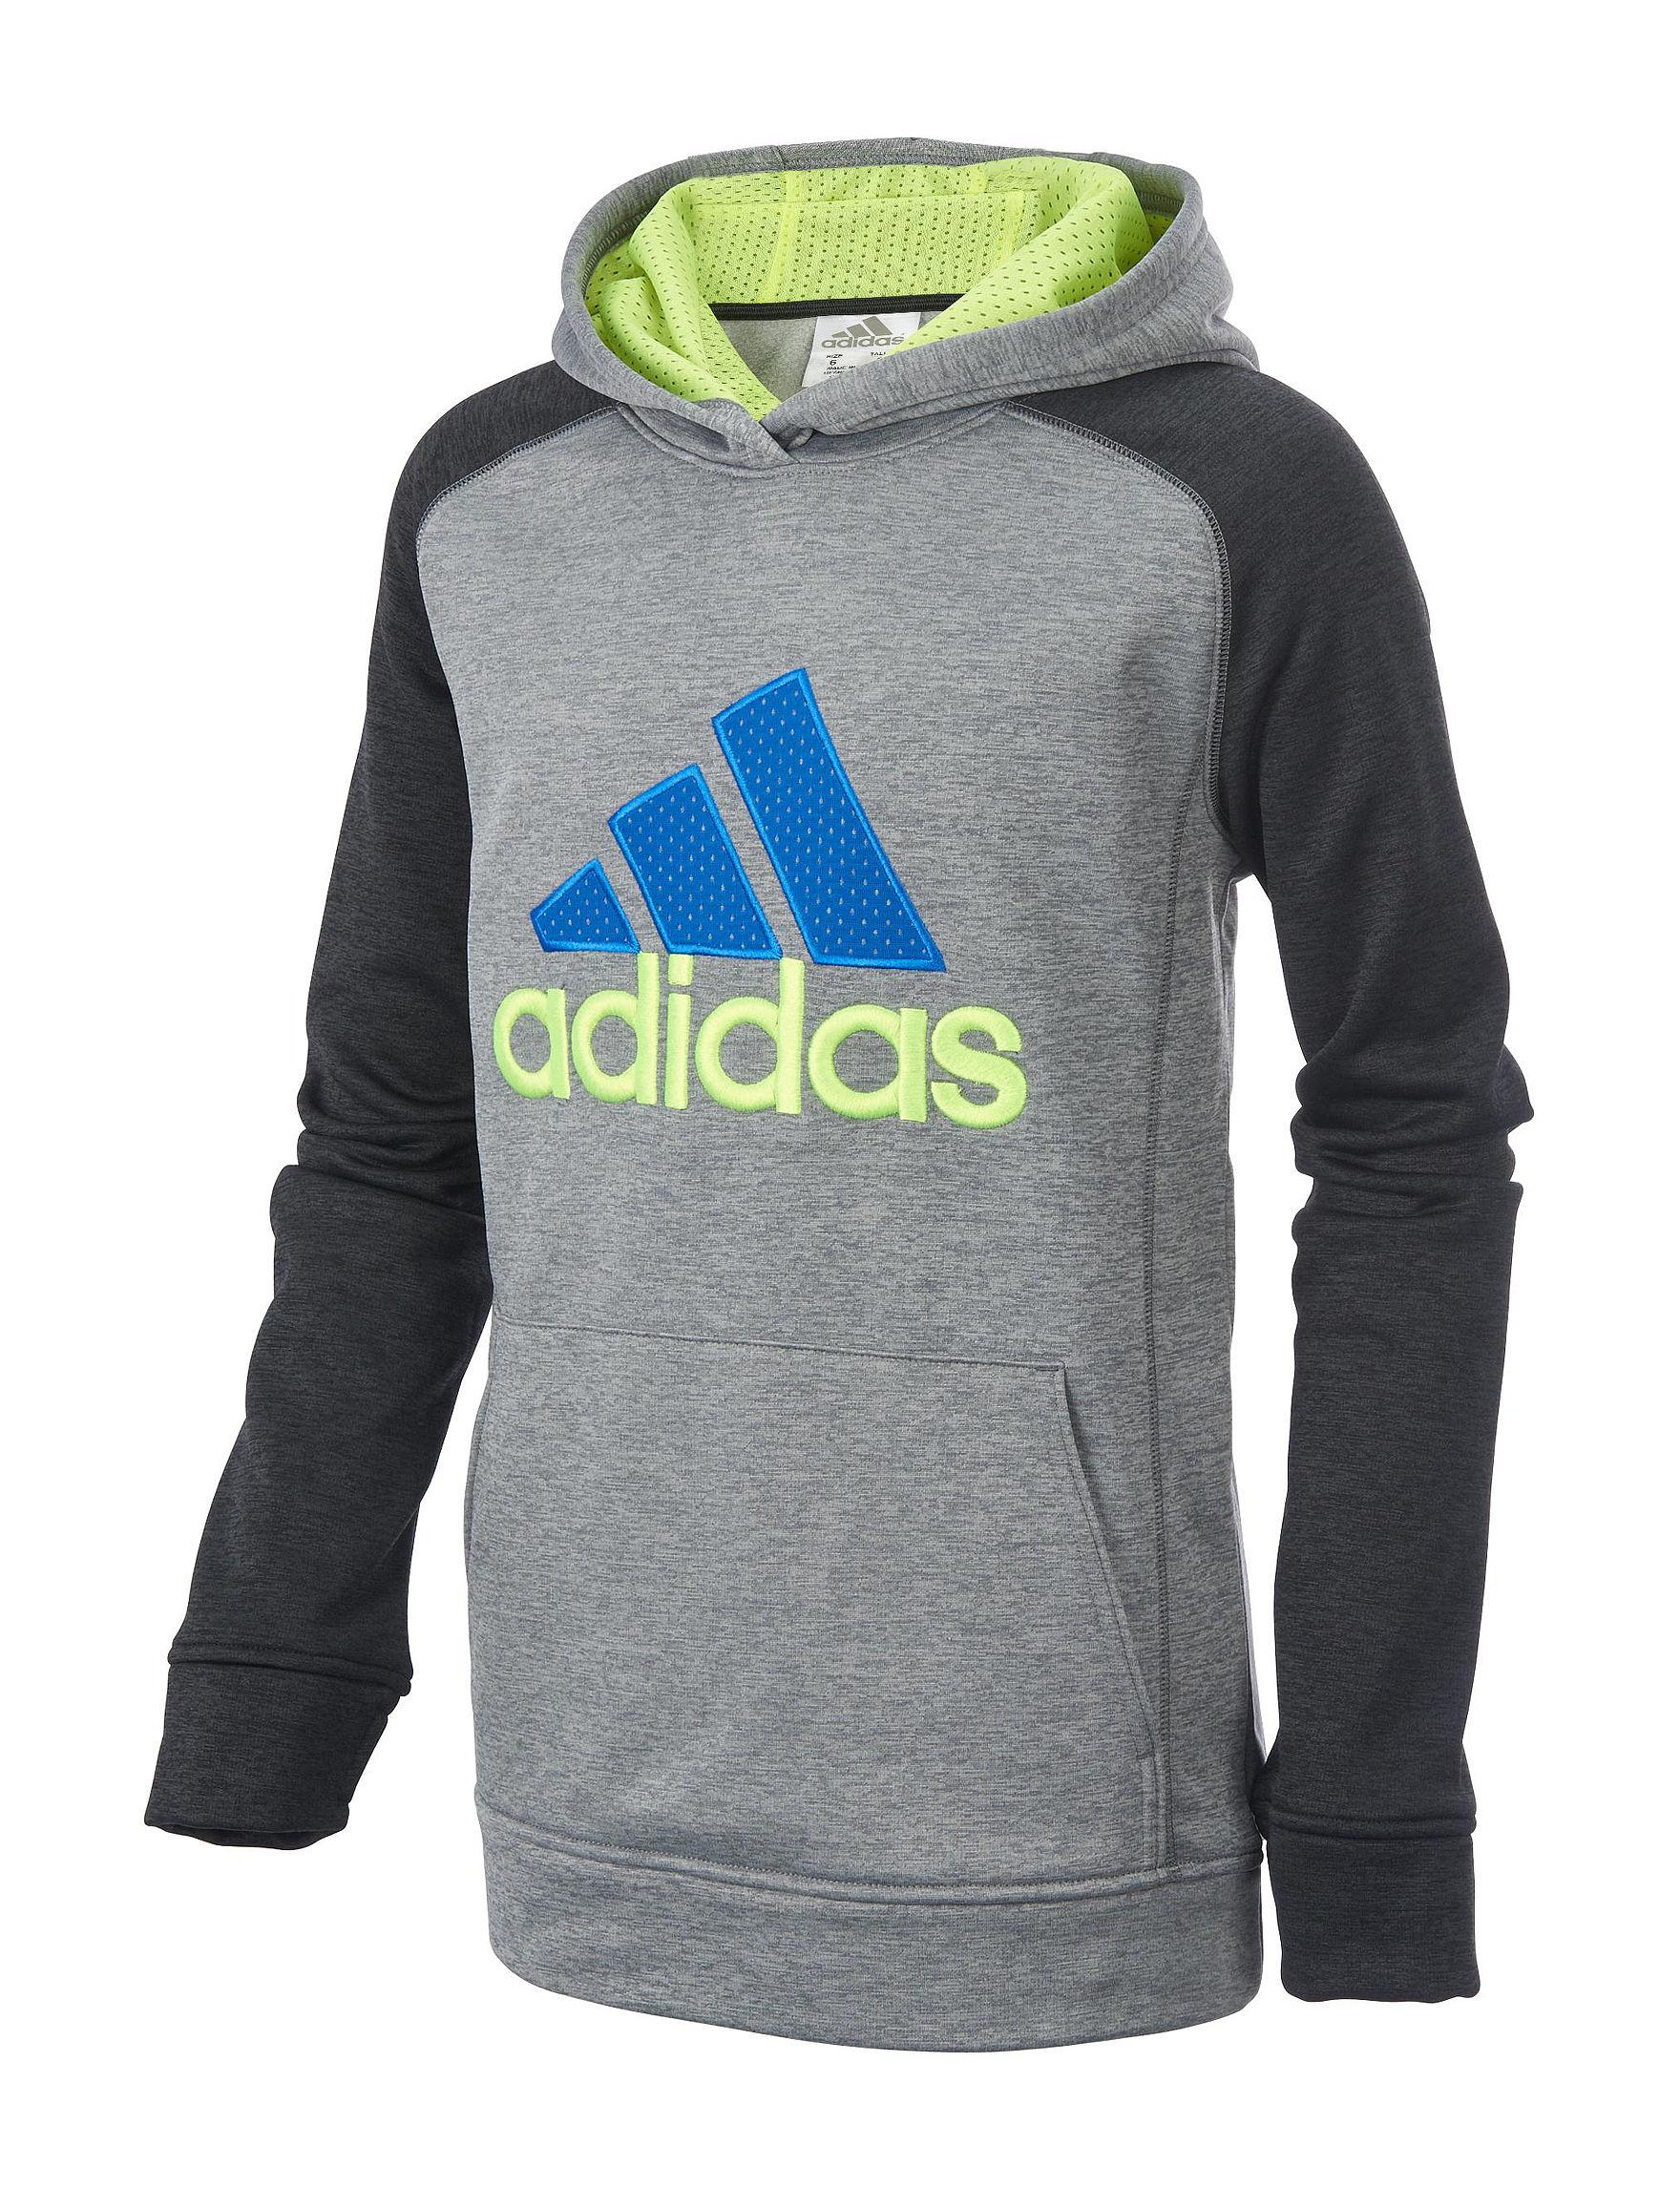 Adidas Black Pull-overs